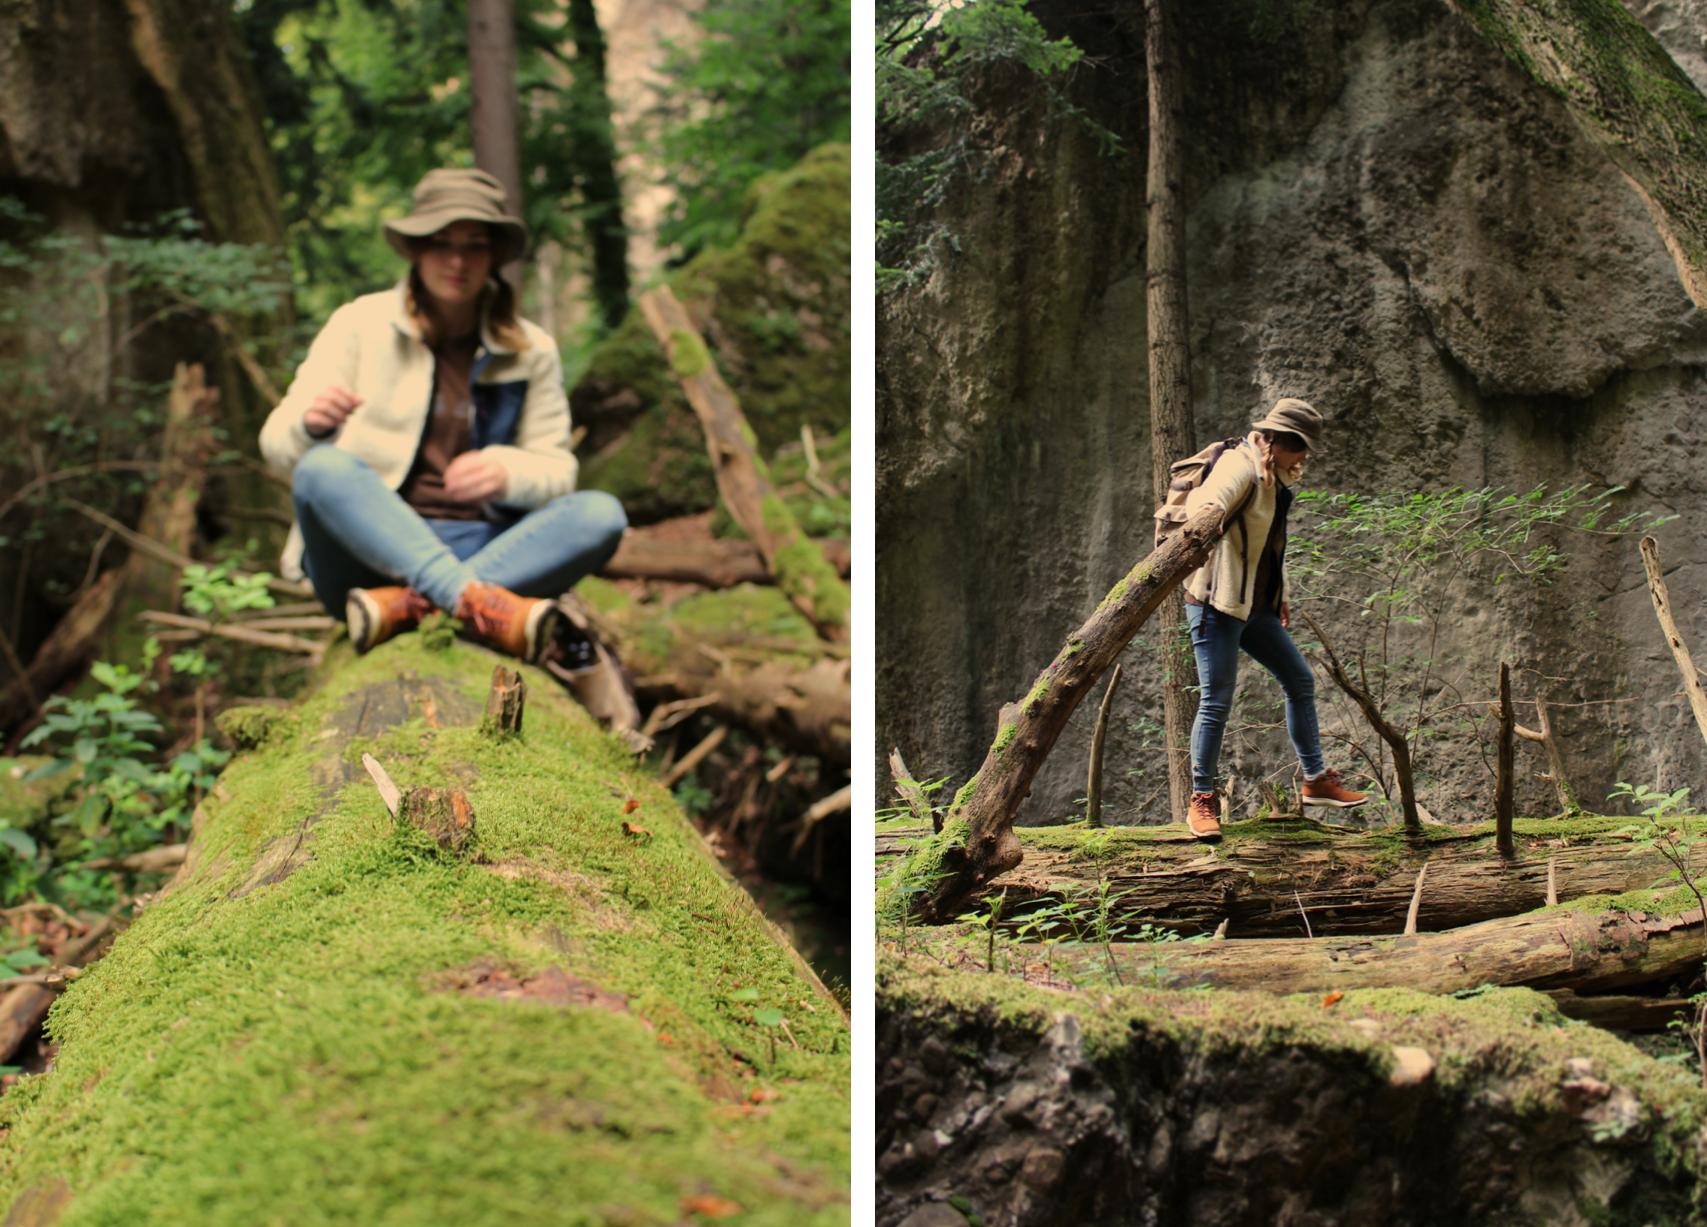 maybeyoulike_Burton_into_the_woods_7